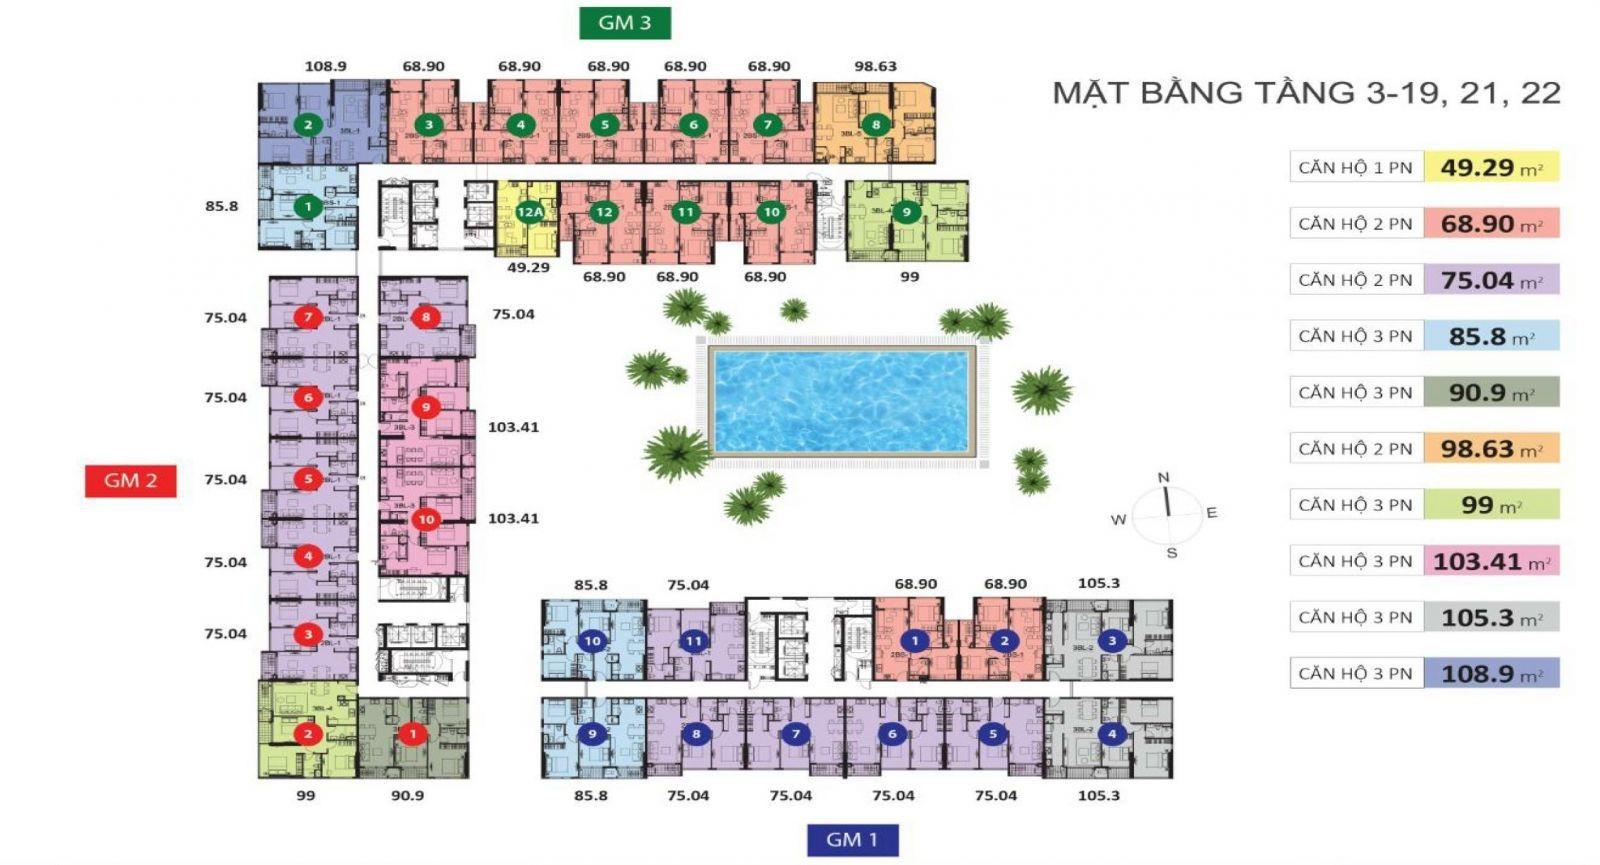 Dự án căn hộ hạng sang Golden Mansion và phong cách kiến trúc 5 sao